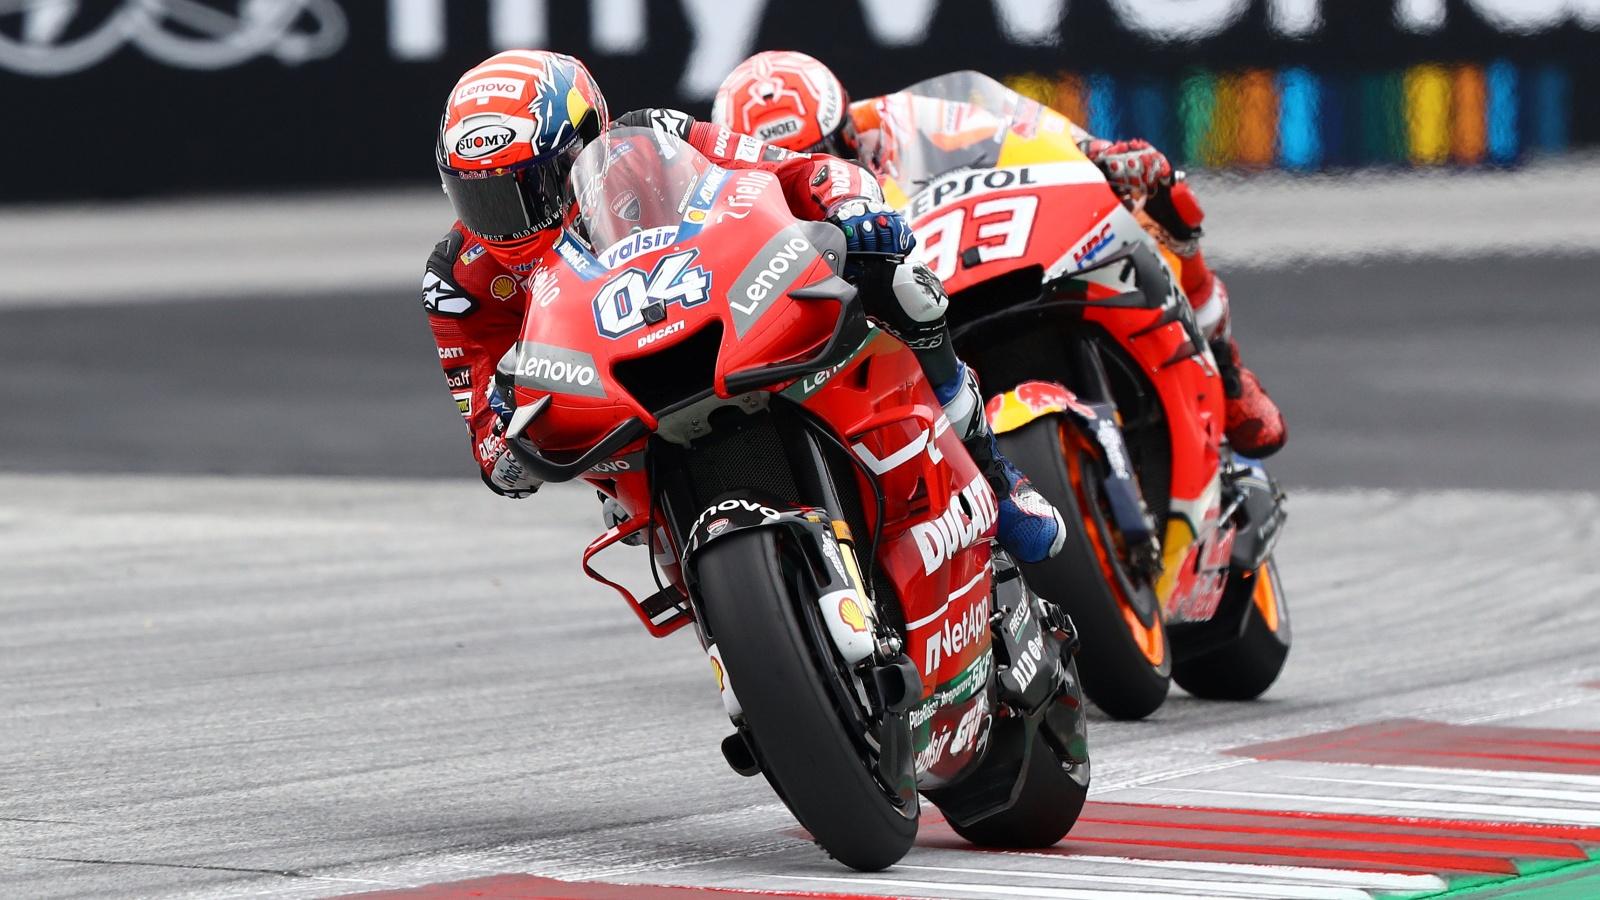 El límite real de Ducati en MotoGP